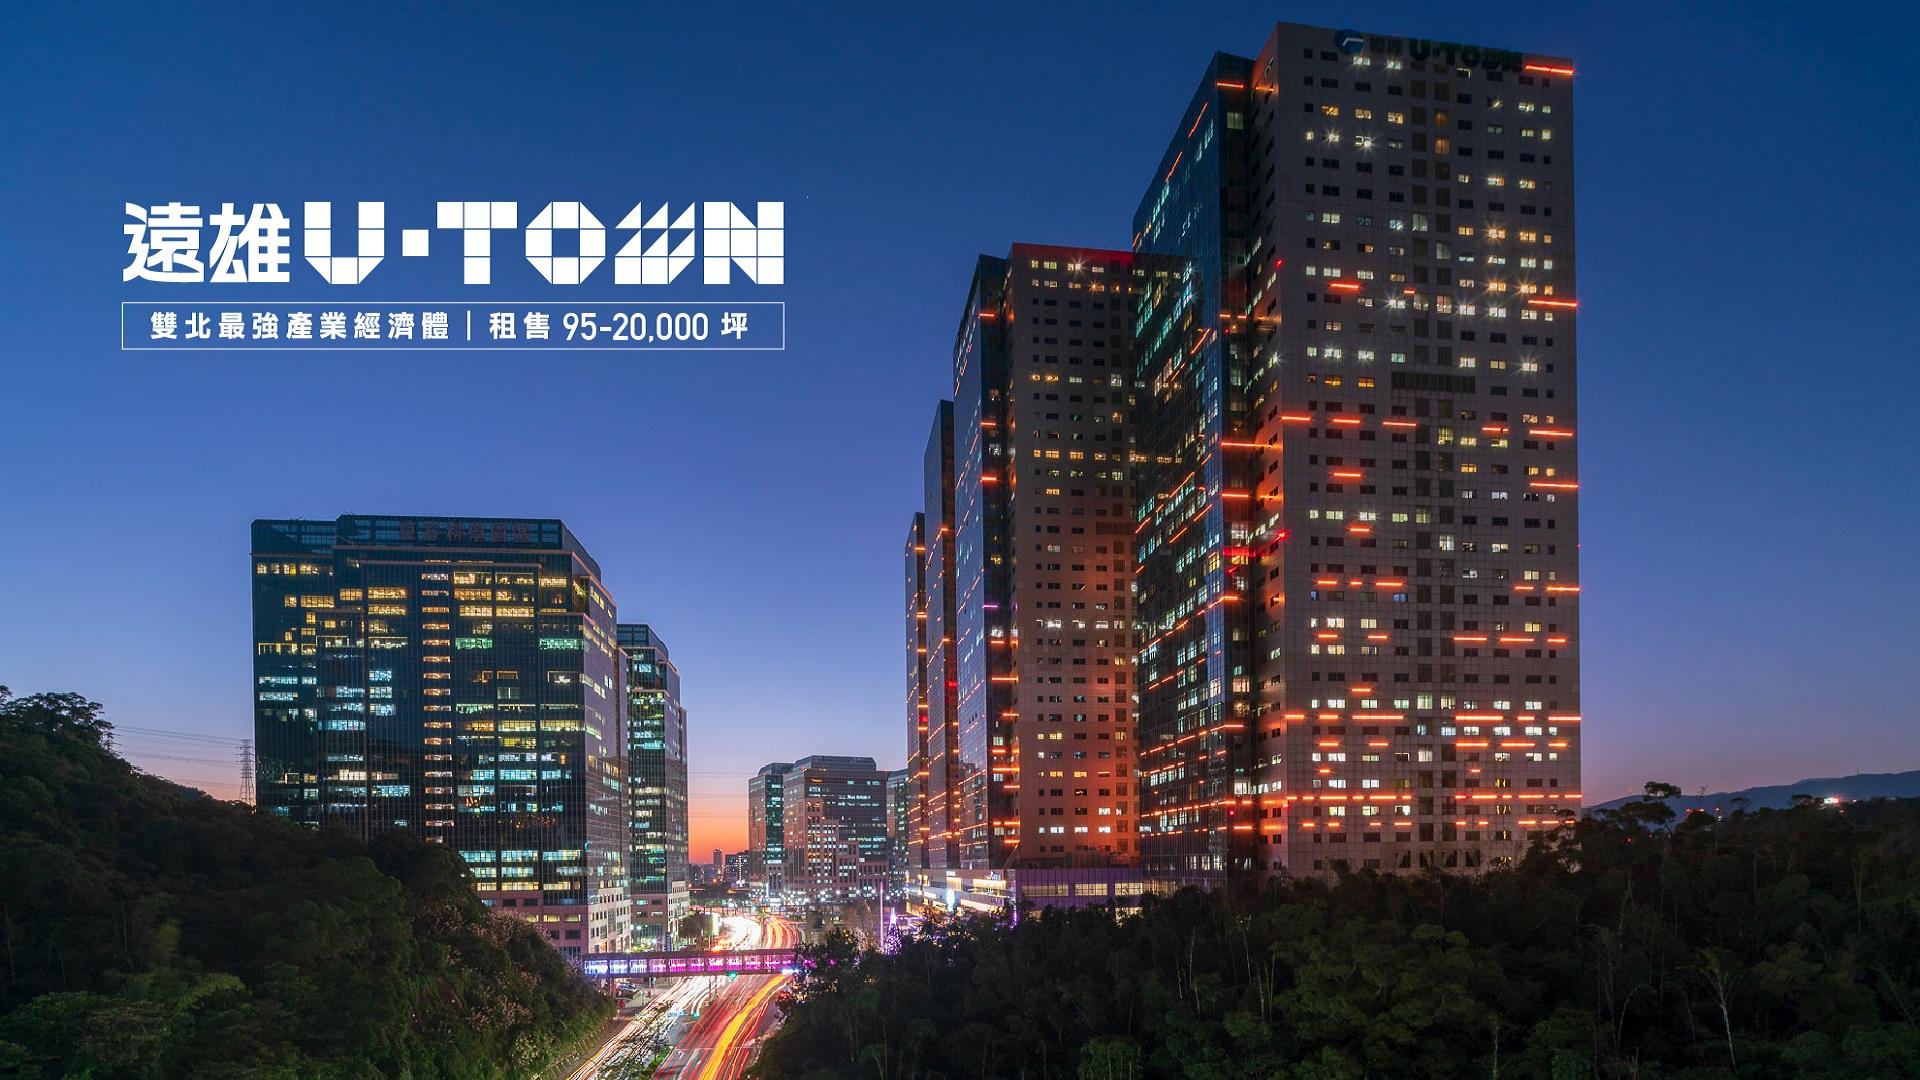 遠雄-U-TOWN